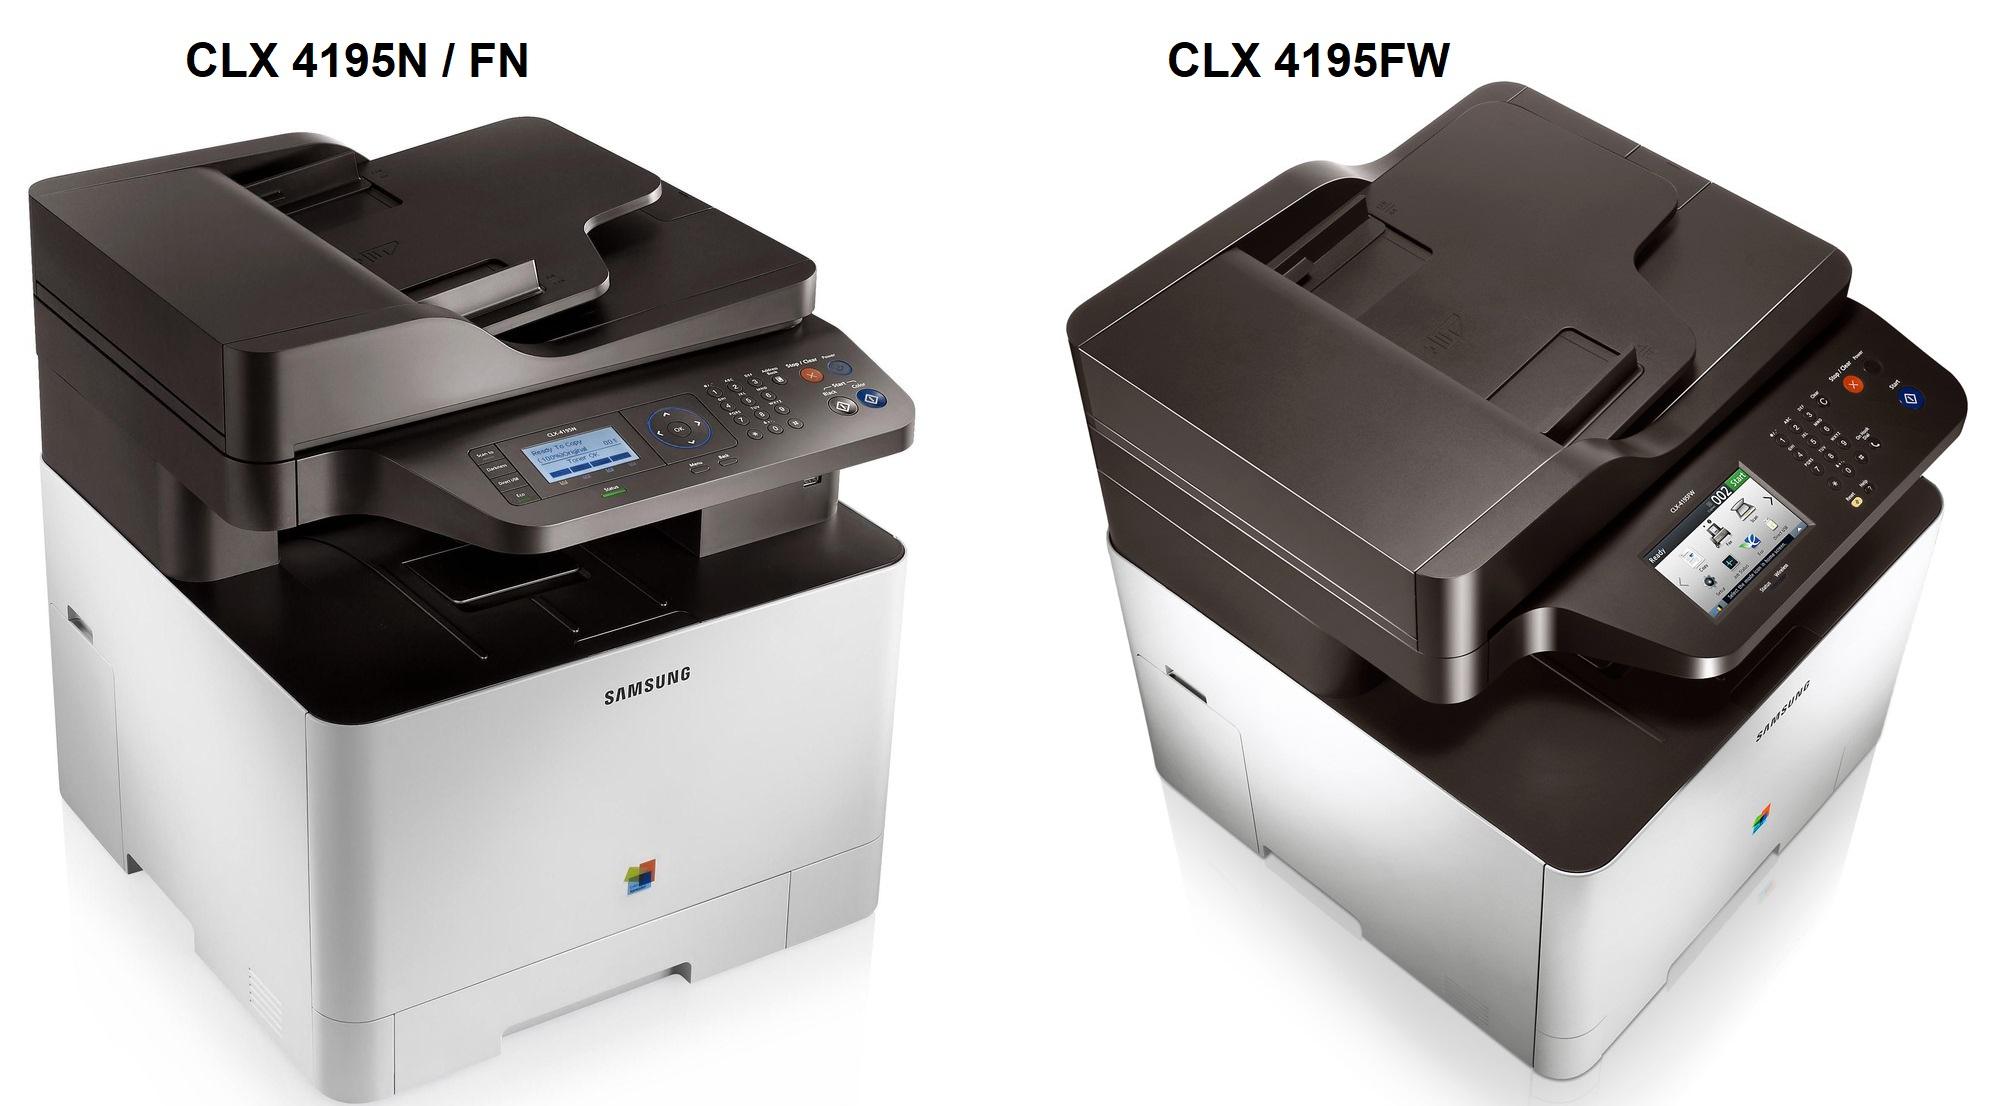 fix firmware reset clx 4195n clx 4195fn clx 4195fw ereset fix firmware reset printer 100 toner. Black Bedroom Furniture Sets. Home Design Ideas